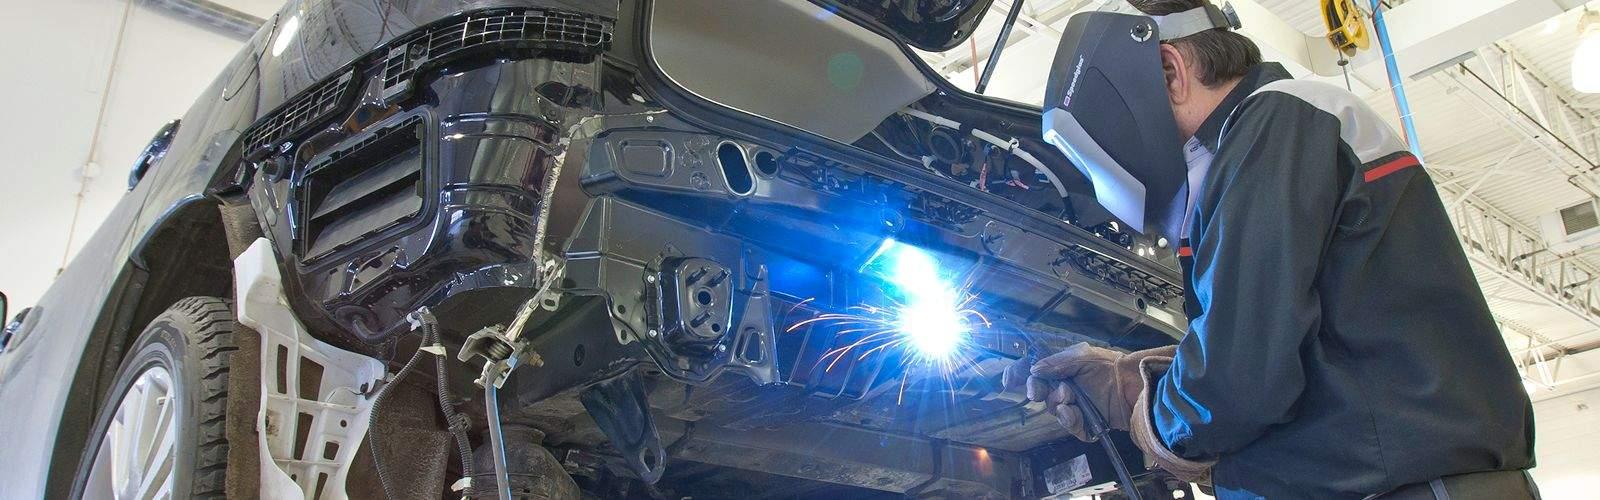 JG Auto Repairs – Malayali Mobile Mechanic